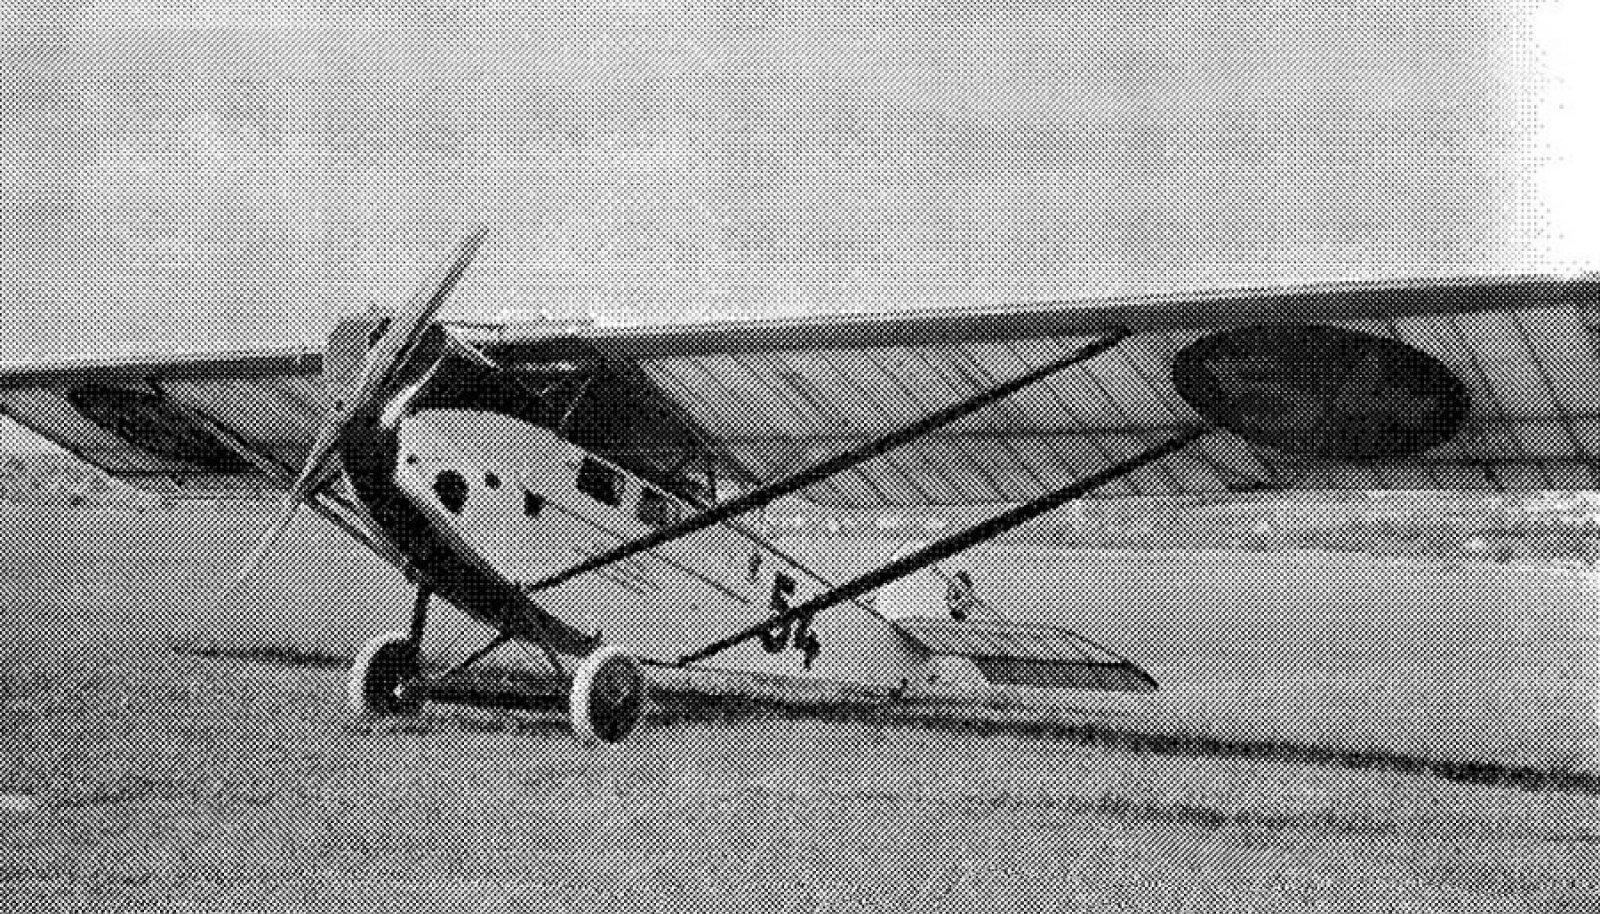 Sablatnig P III tüüpi lennukitega avati Eesti püsiv lennuühendus maailmaga, neid lennukeid hakati ehitama ka Dvigatelis.